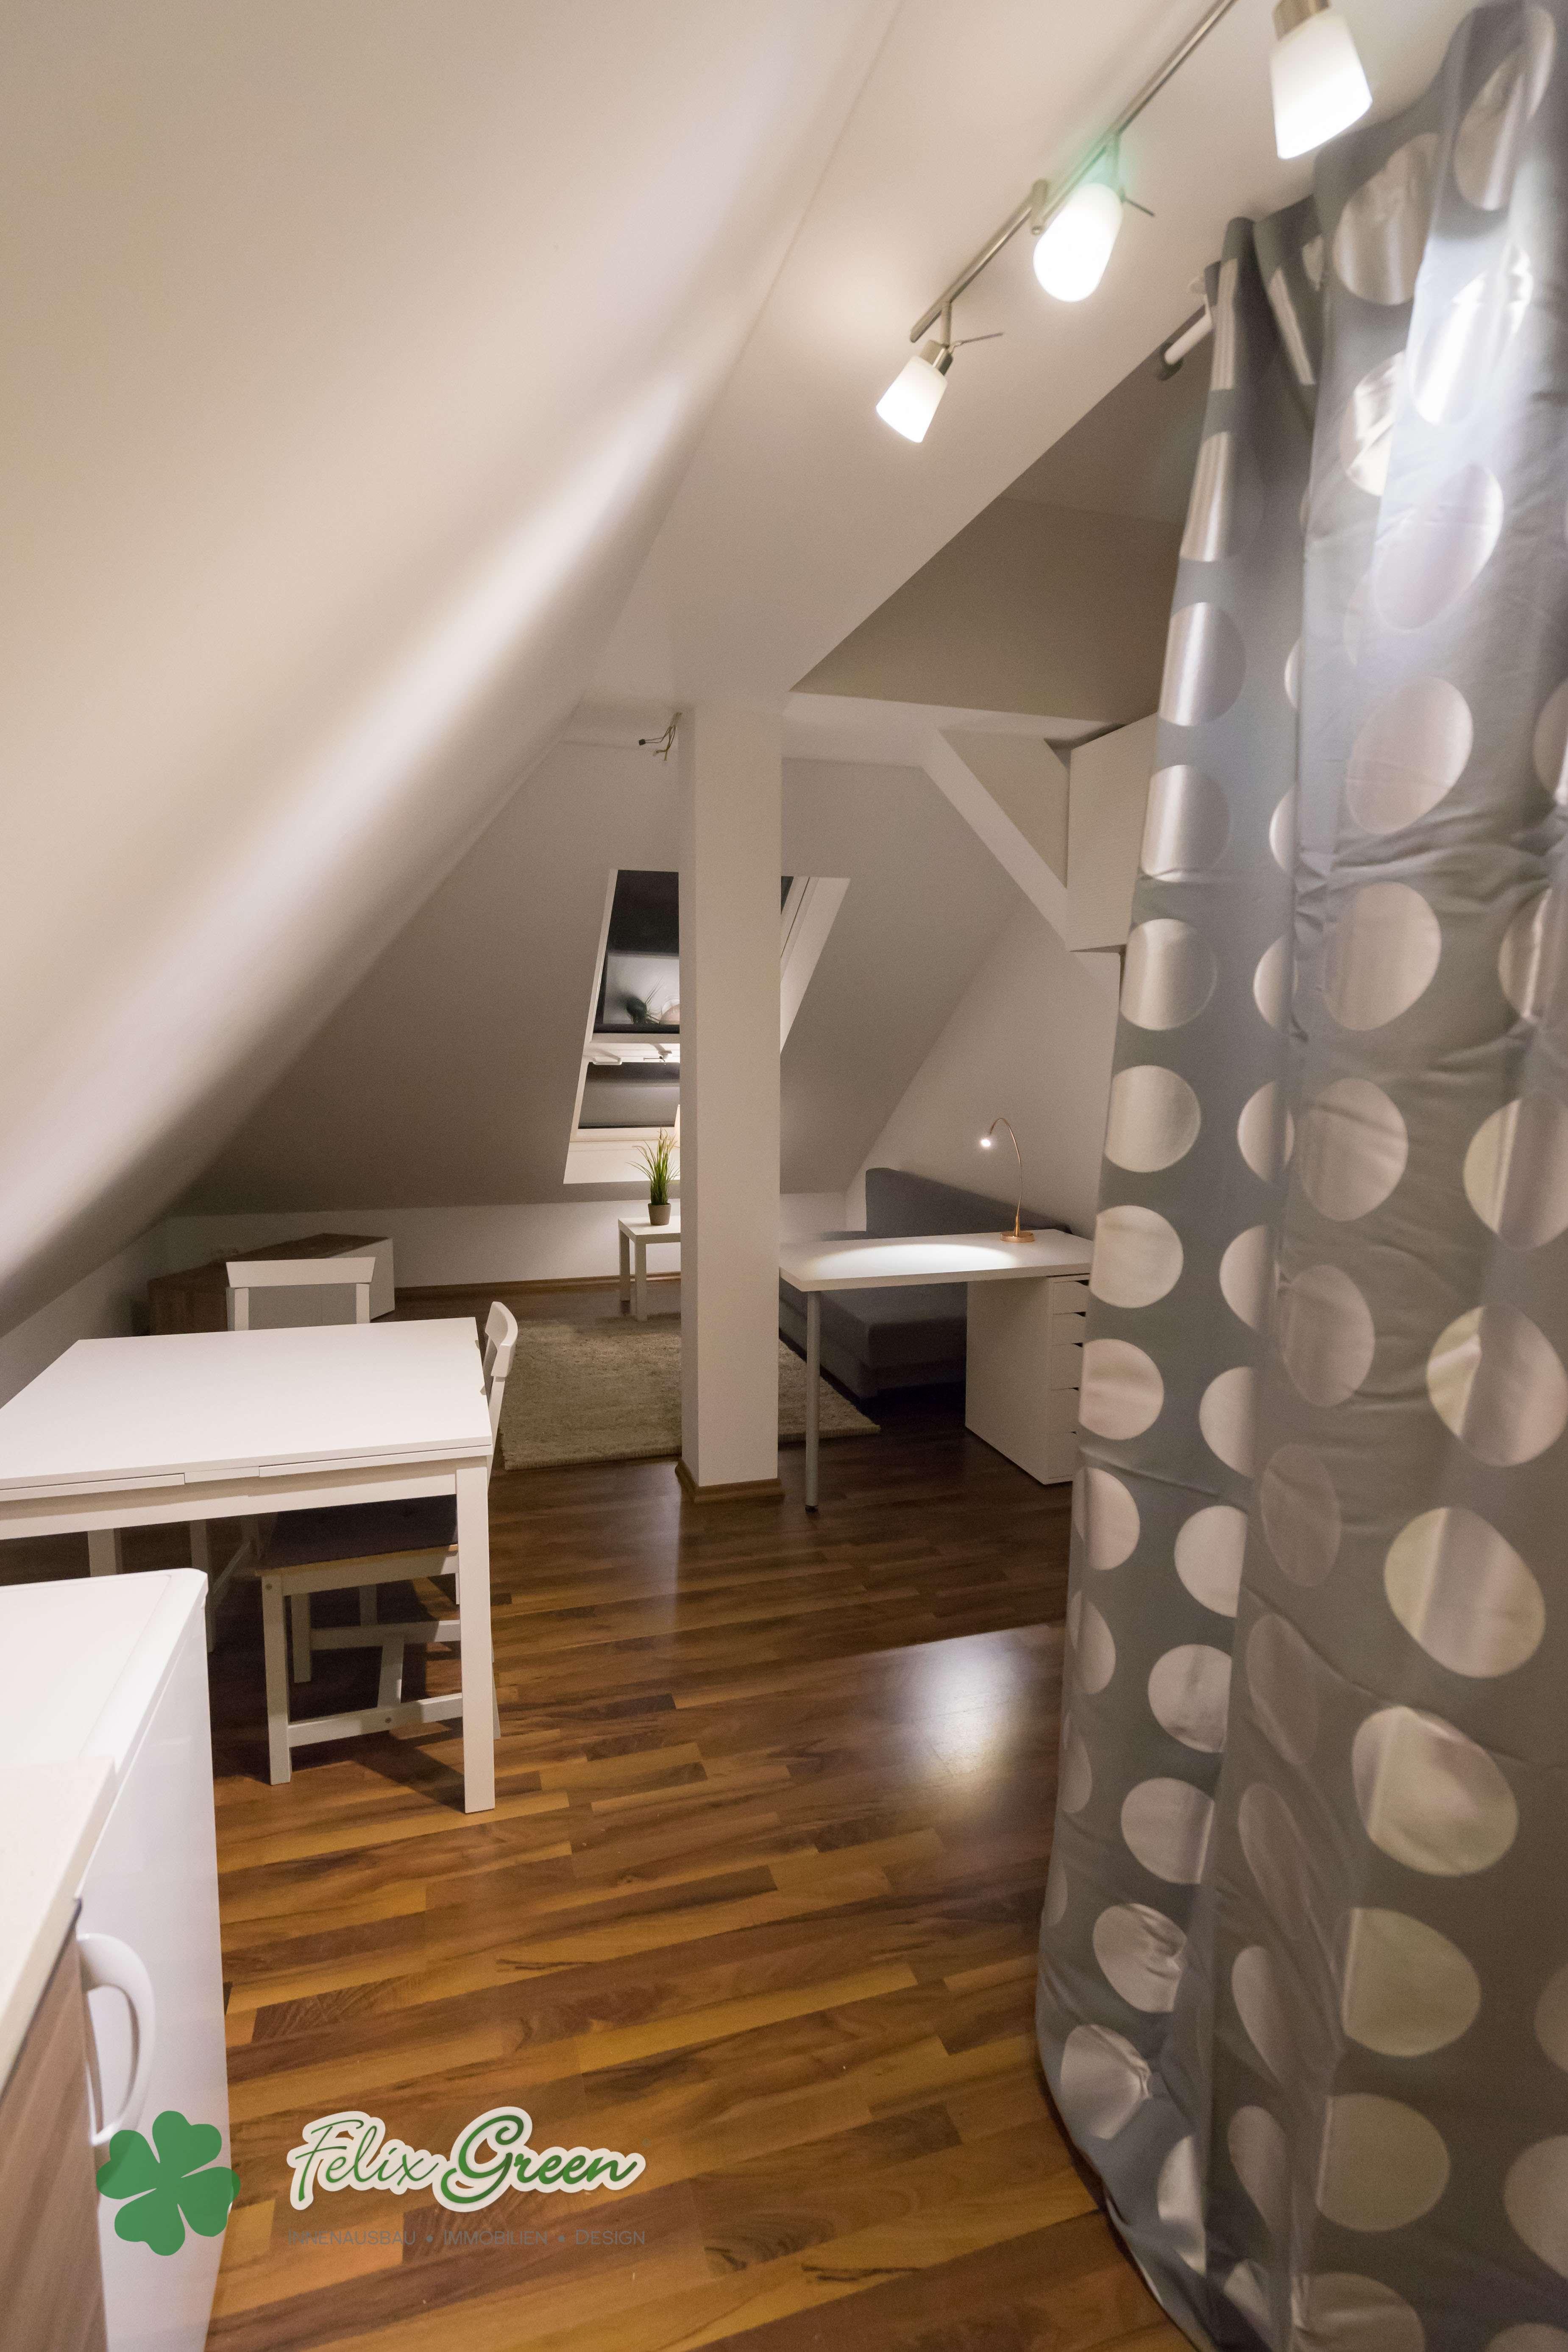 Möblierte Dachwohnung in zentraler Lage mit gehobener Ausstattung